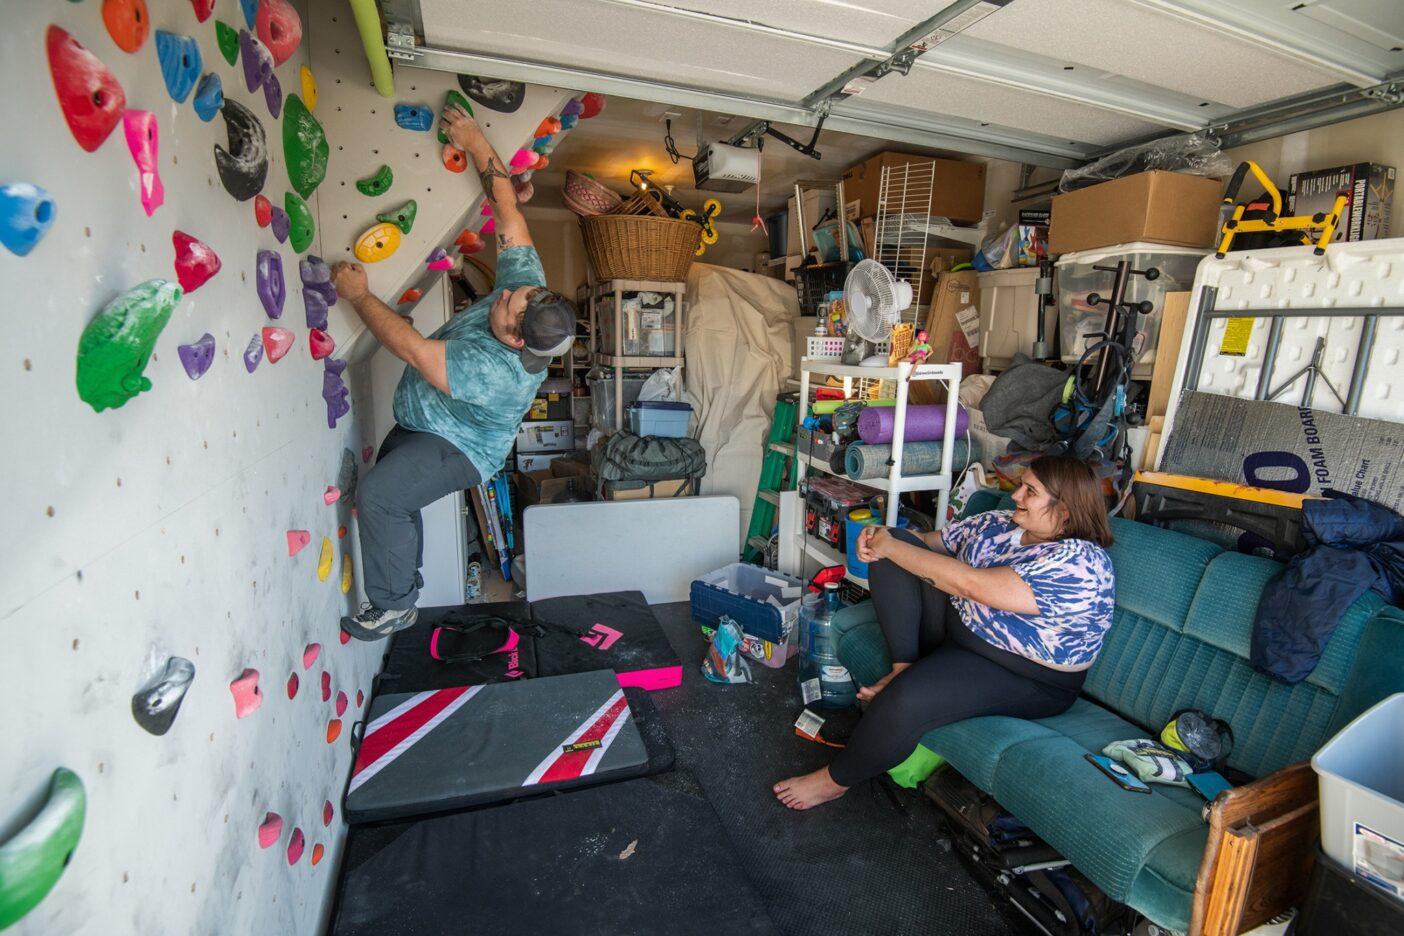 自宅のガレージのお手製の壁でセッションを楽しむドリューとサラ。ともにクライミングの世界に足を踏み入れたことで、彼らの信頼関係はさらに強くなった。Photo : Austin Siadak